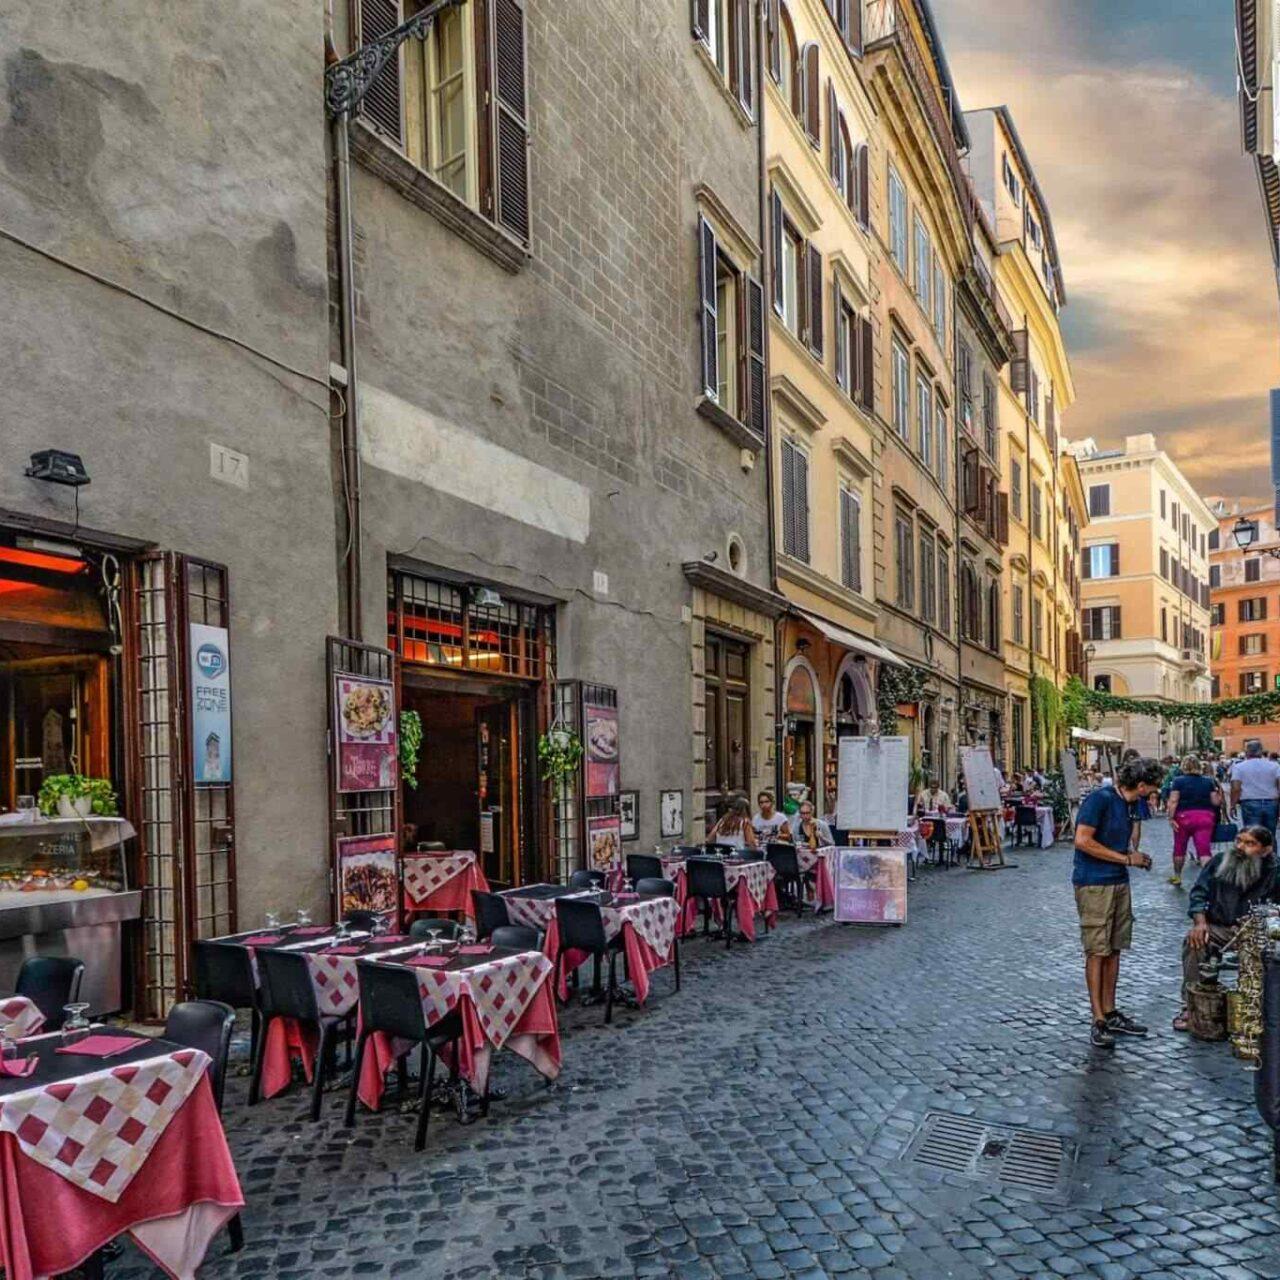 https://baumap.hu/wp-content/uploads/2017/10/restaurant-italian-6-1280x1280.jpg